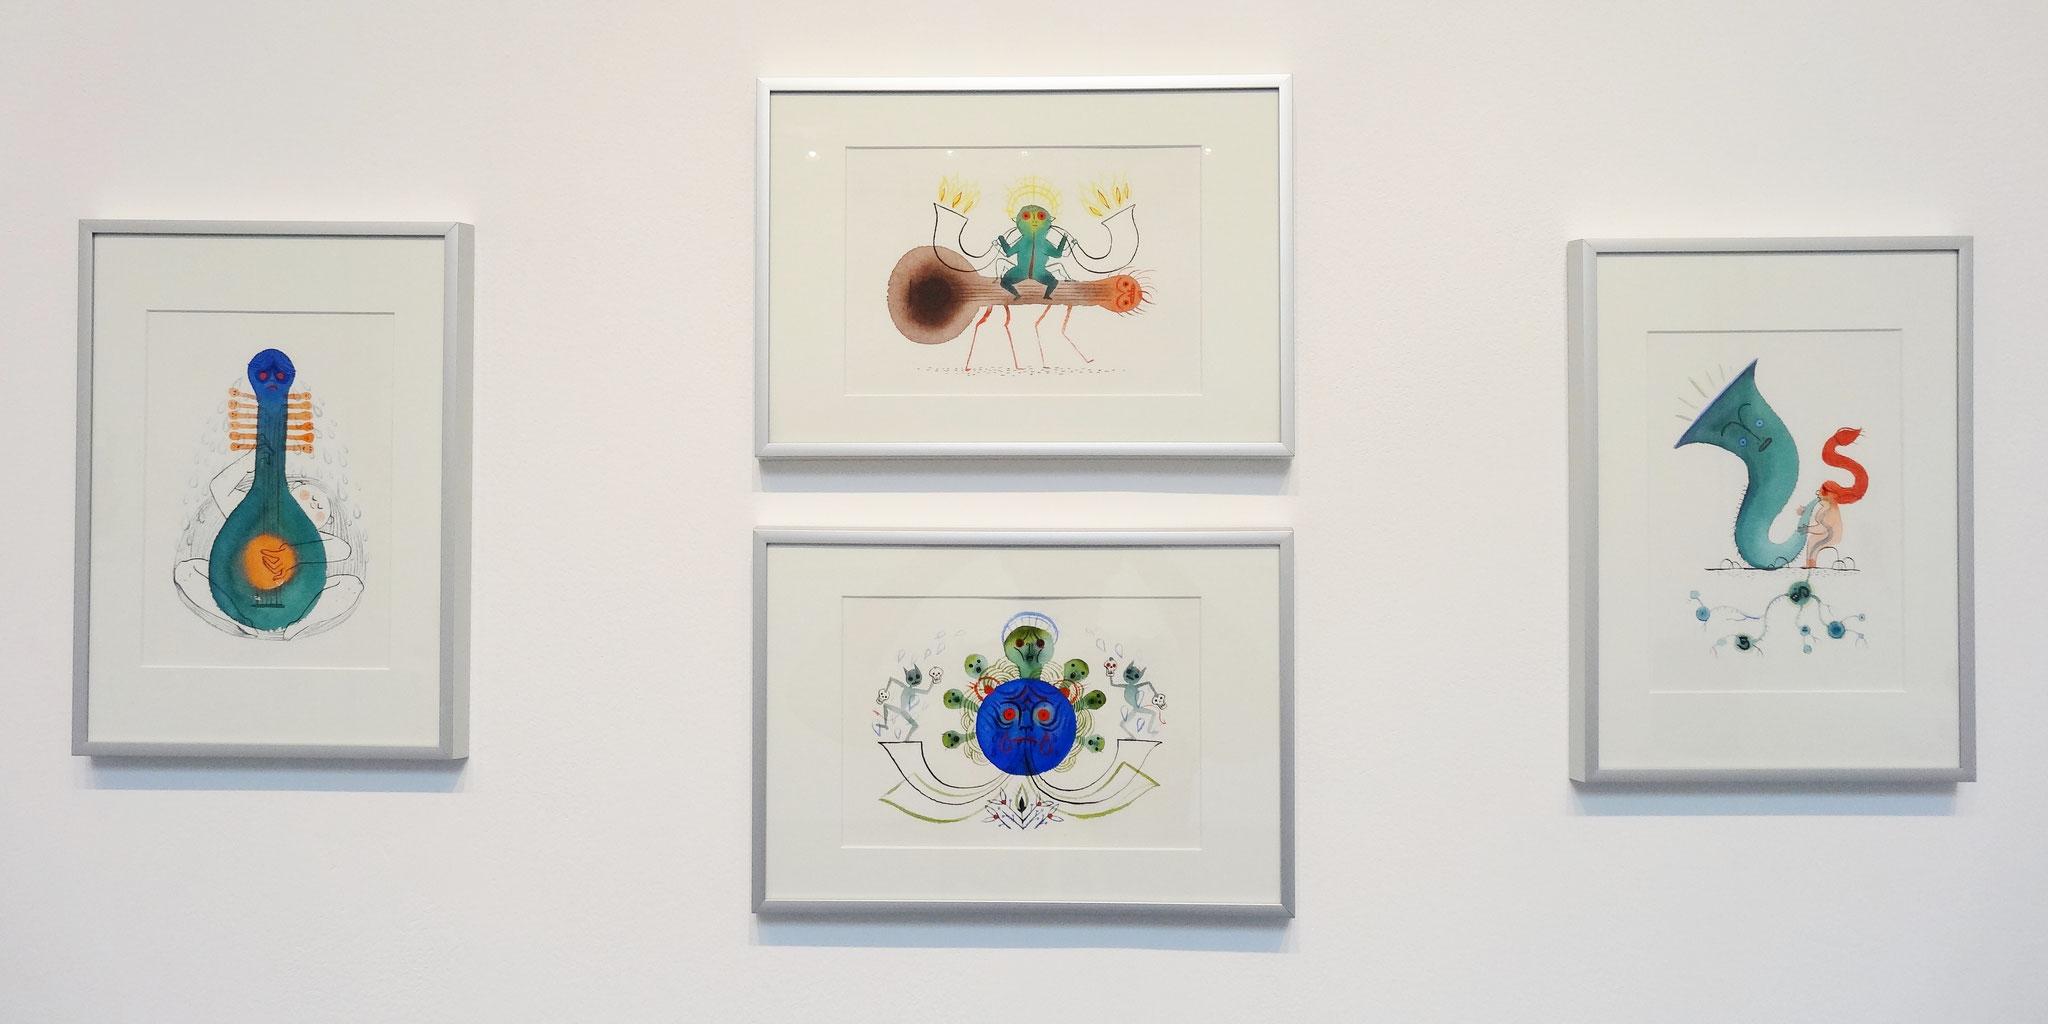 Karine Bernadou, aquarelles sur papier Arches 300 gr., 14,8 x 21 cm, 2016. En haut : La chevauchée ardente. En bas : Tristesse royale. A gauche : L'amoureux transi. A droite : Traversée.